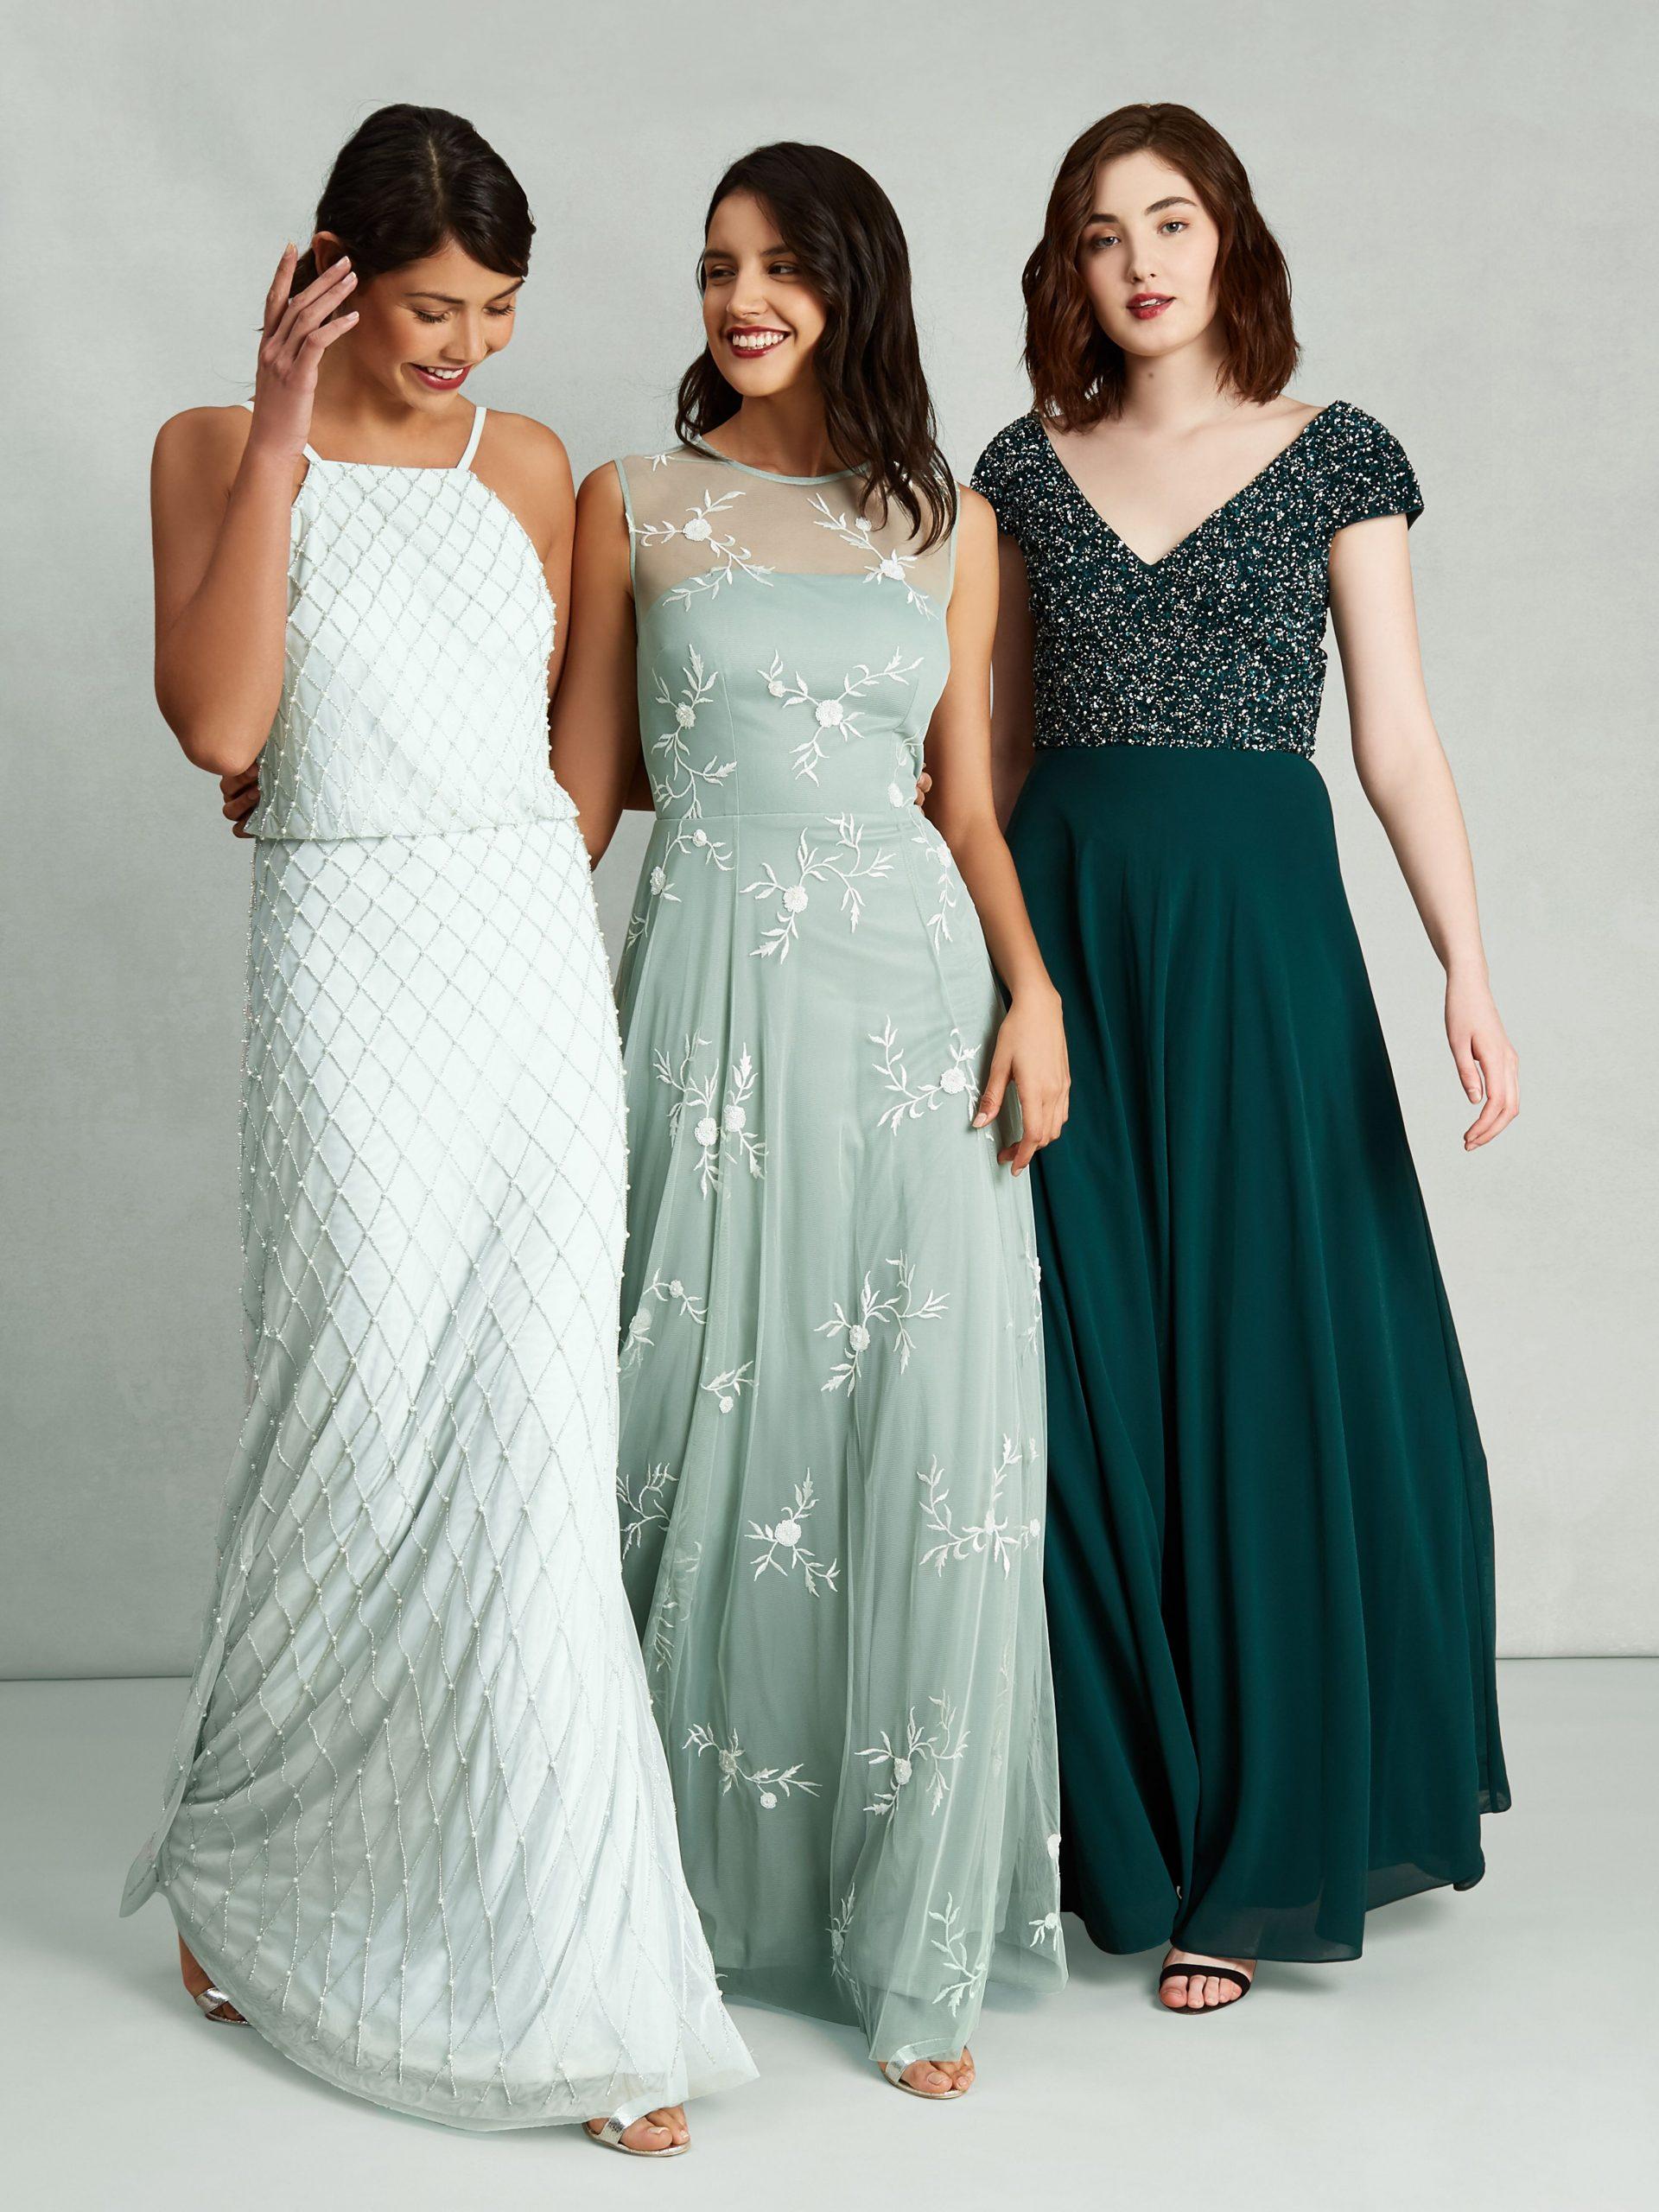 Bridesmaid Dresses | Erhältlich In Vielen Farben Und Formen